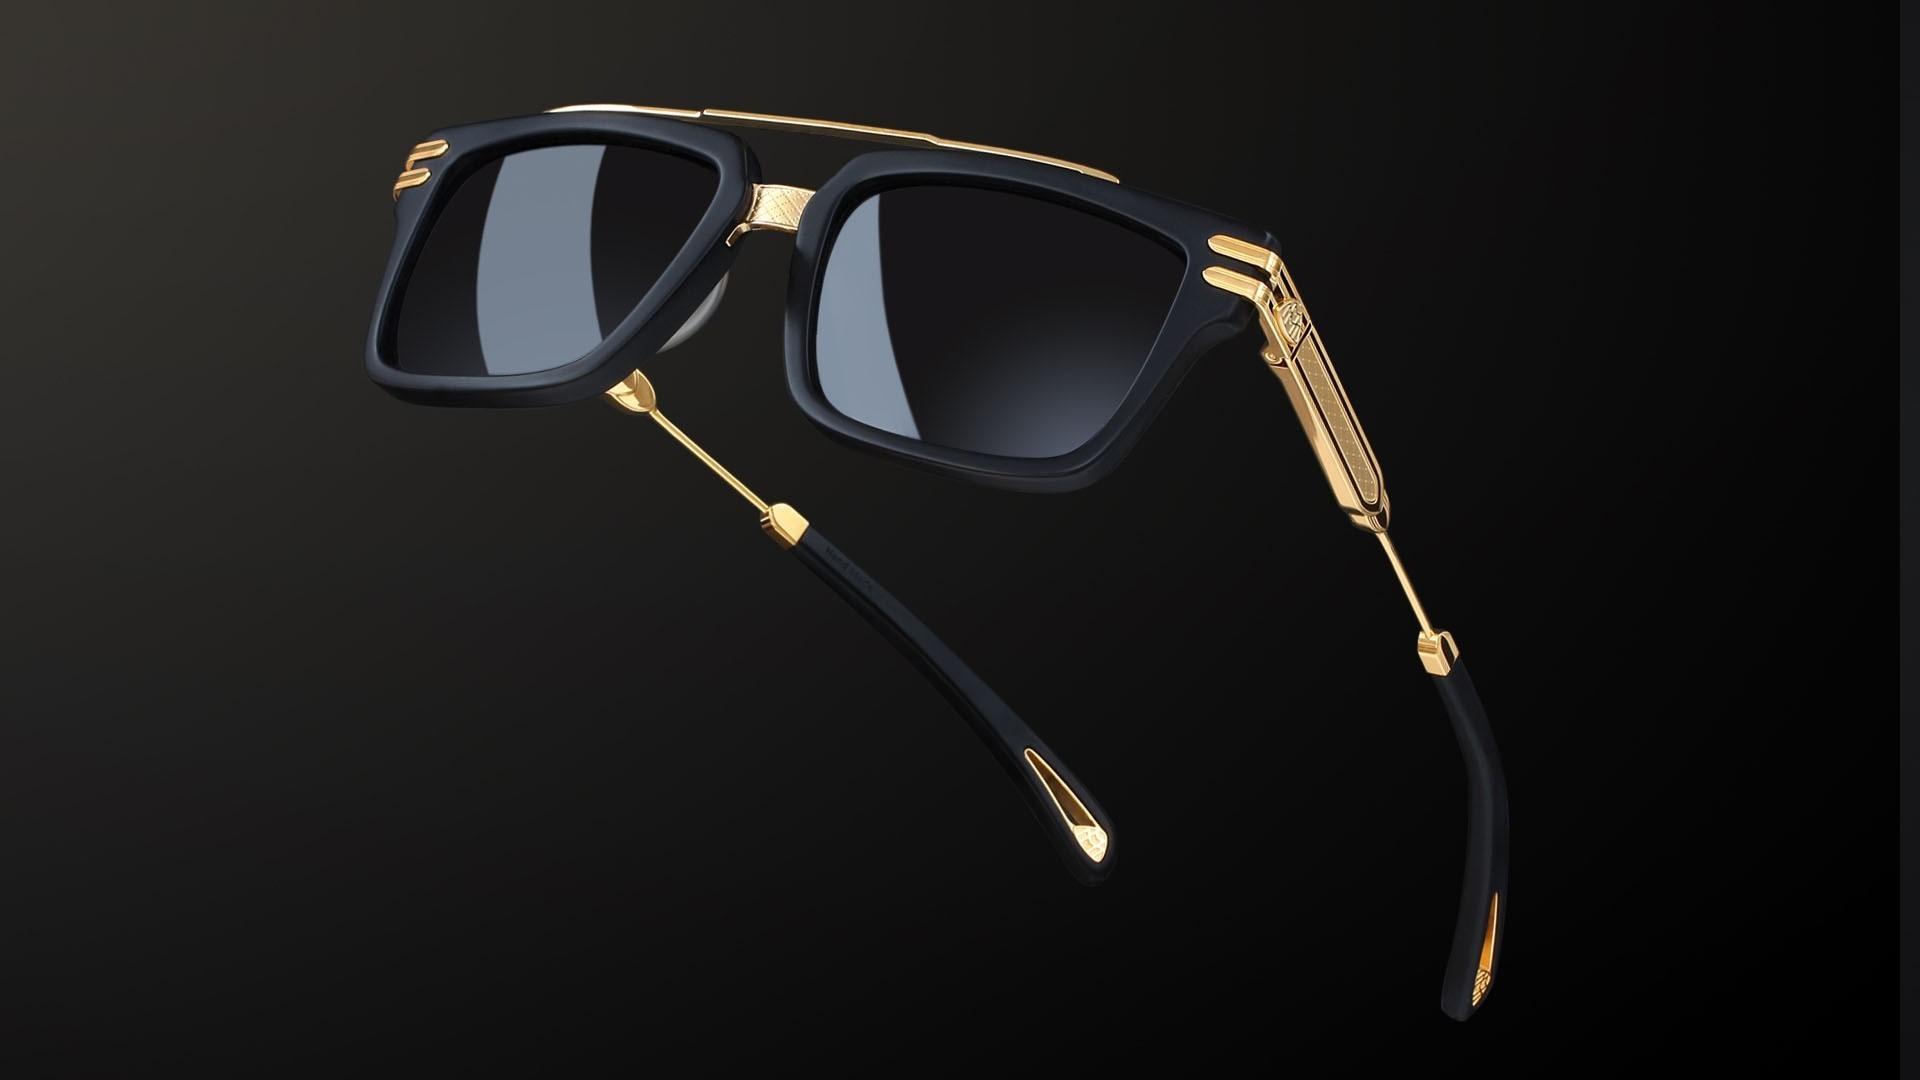 Nahaufnahme von einer Maybach Sonnebrille mit goldenen Details und schwarzem Hintergrund.